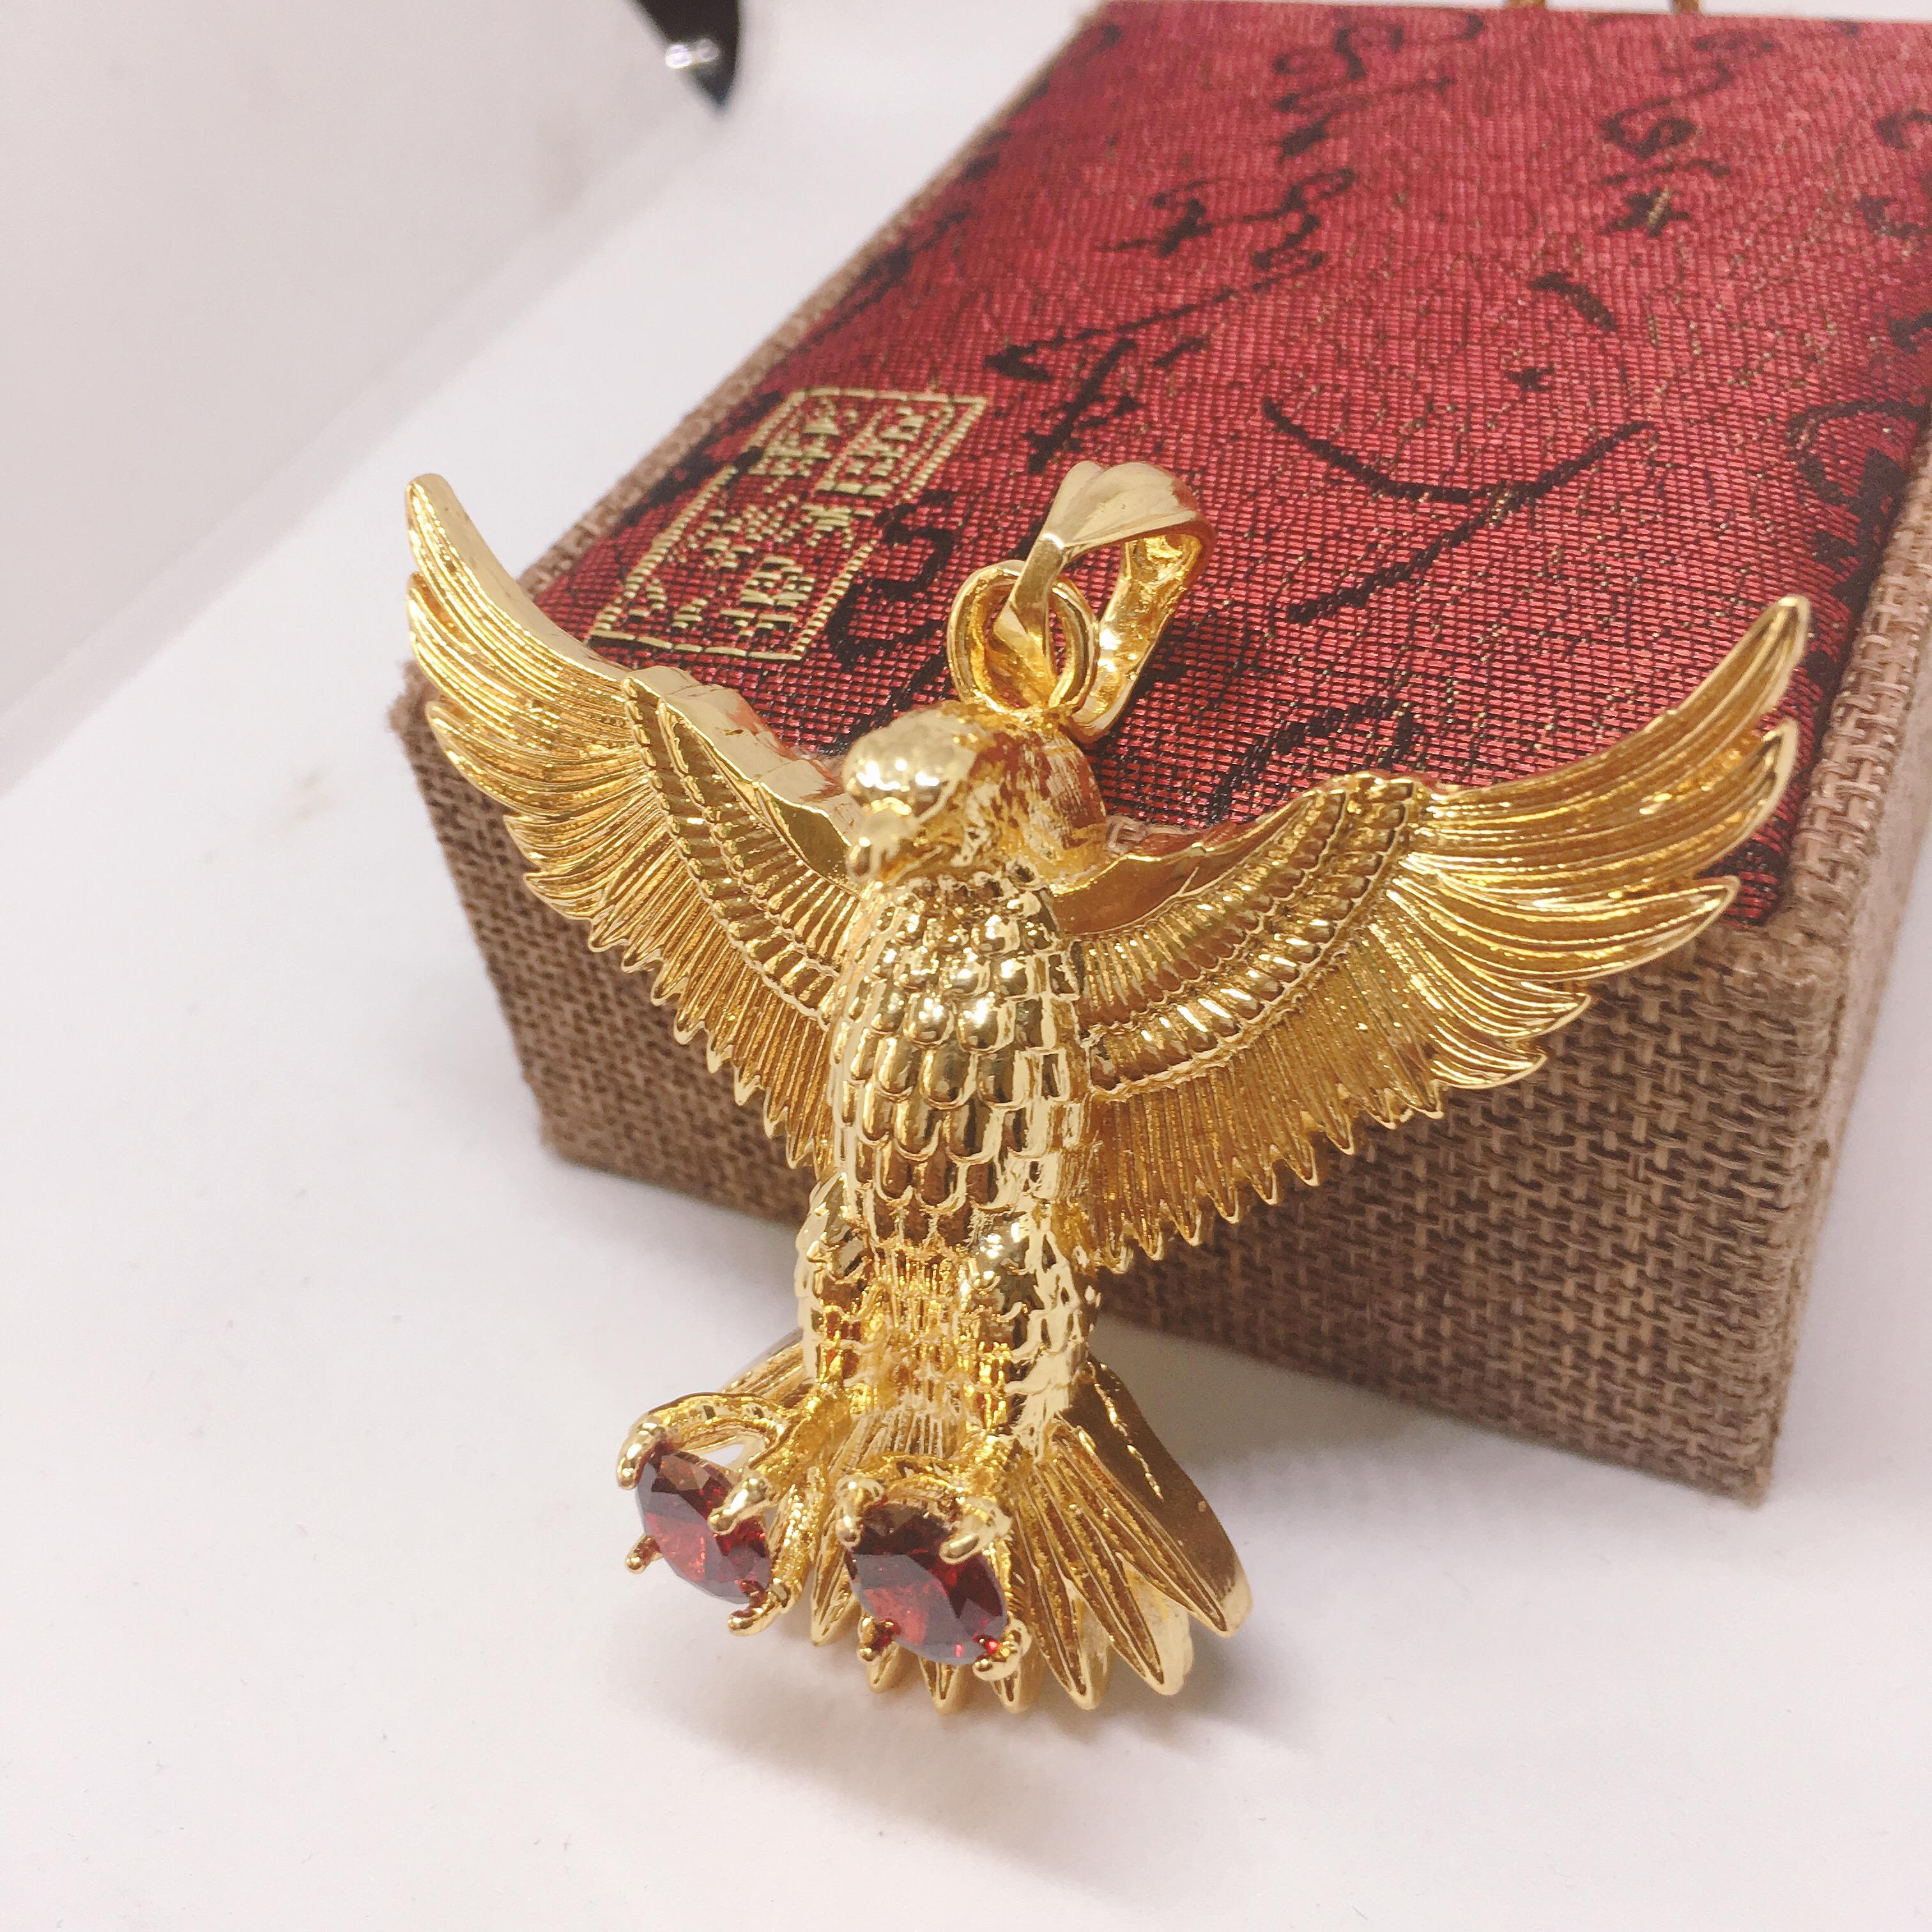 Mặt dây chuyền đại bàng tung cánh vàng